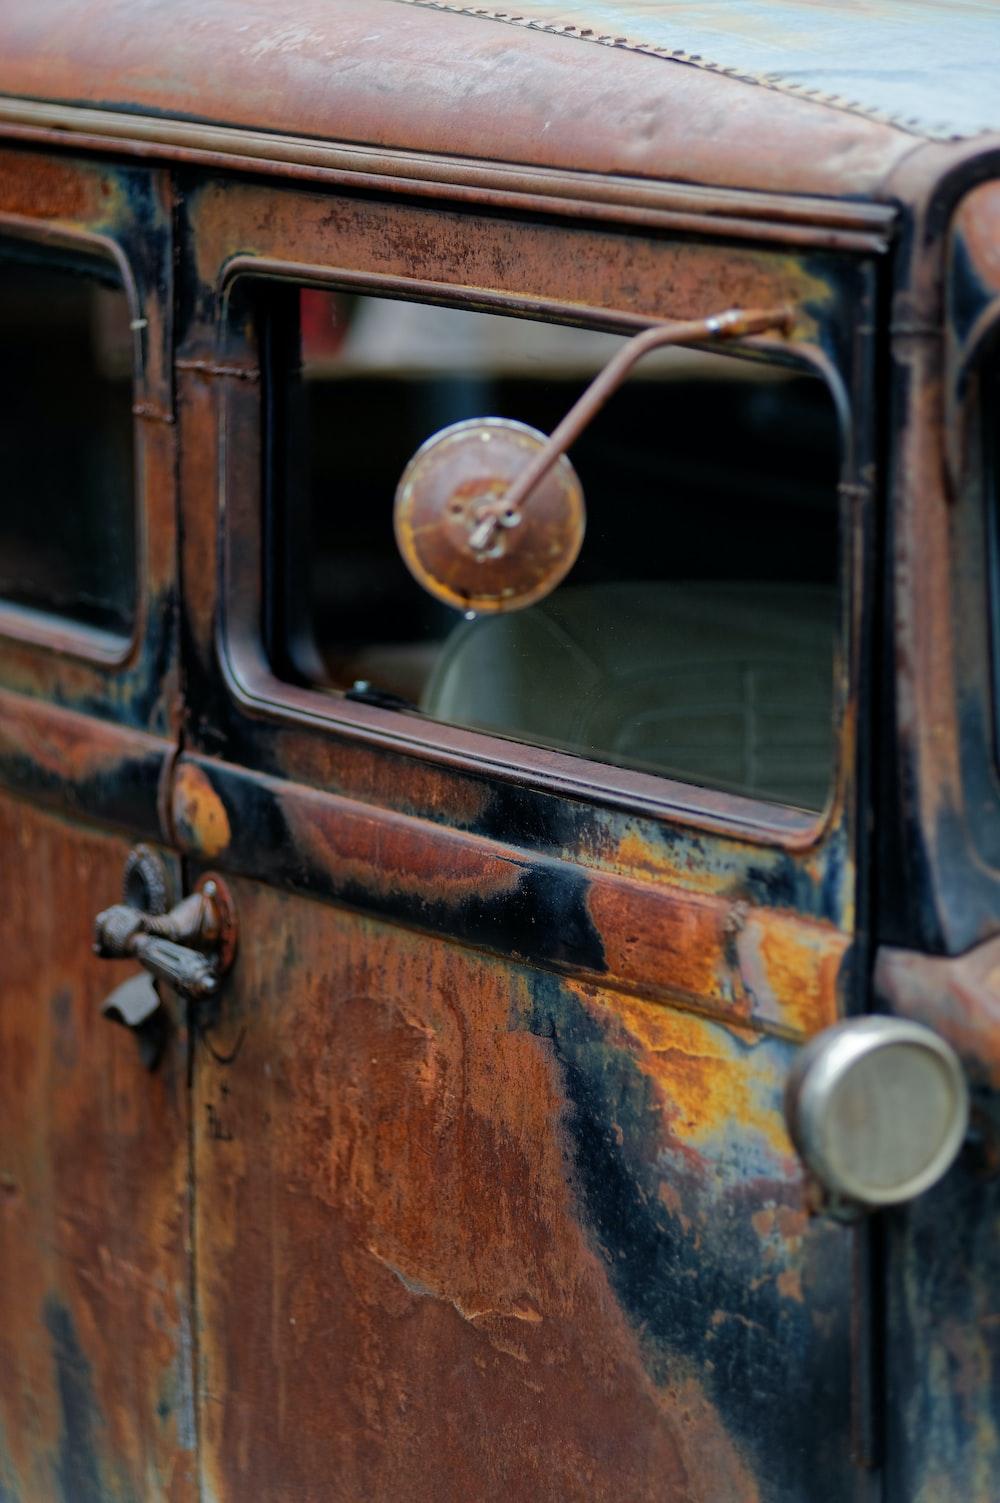 brown and black vintage car